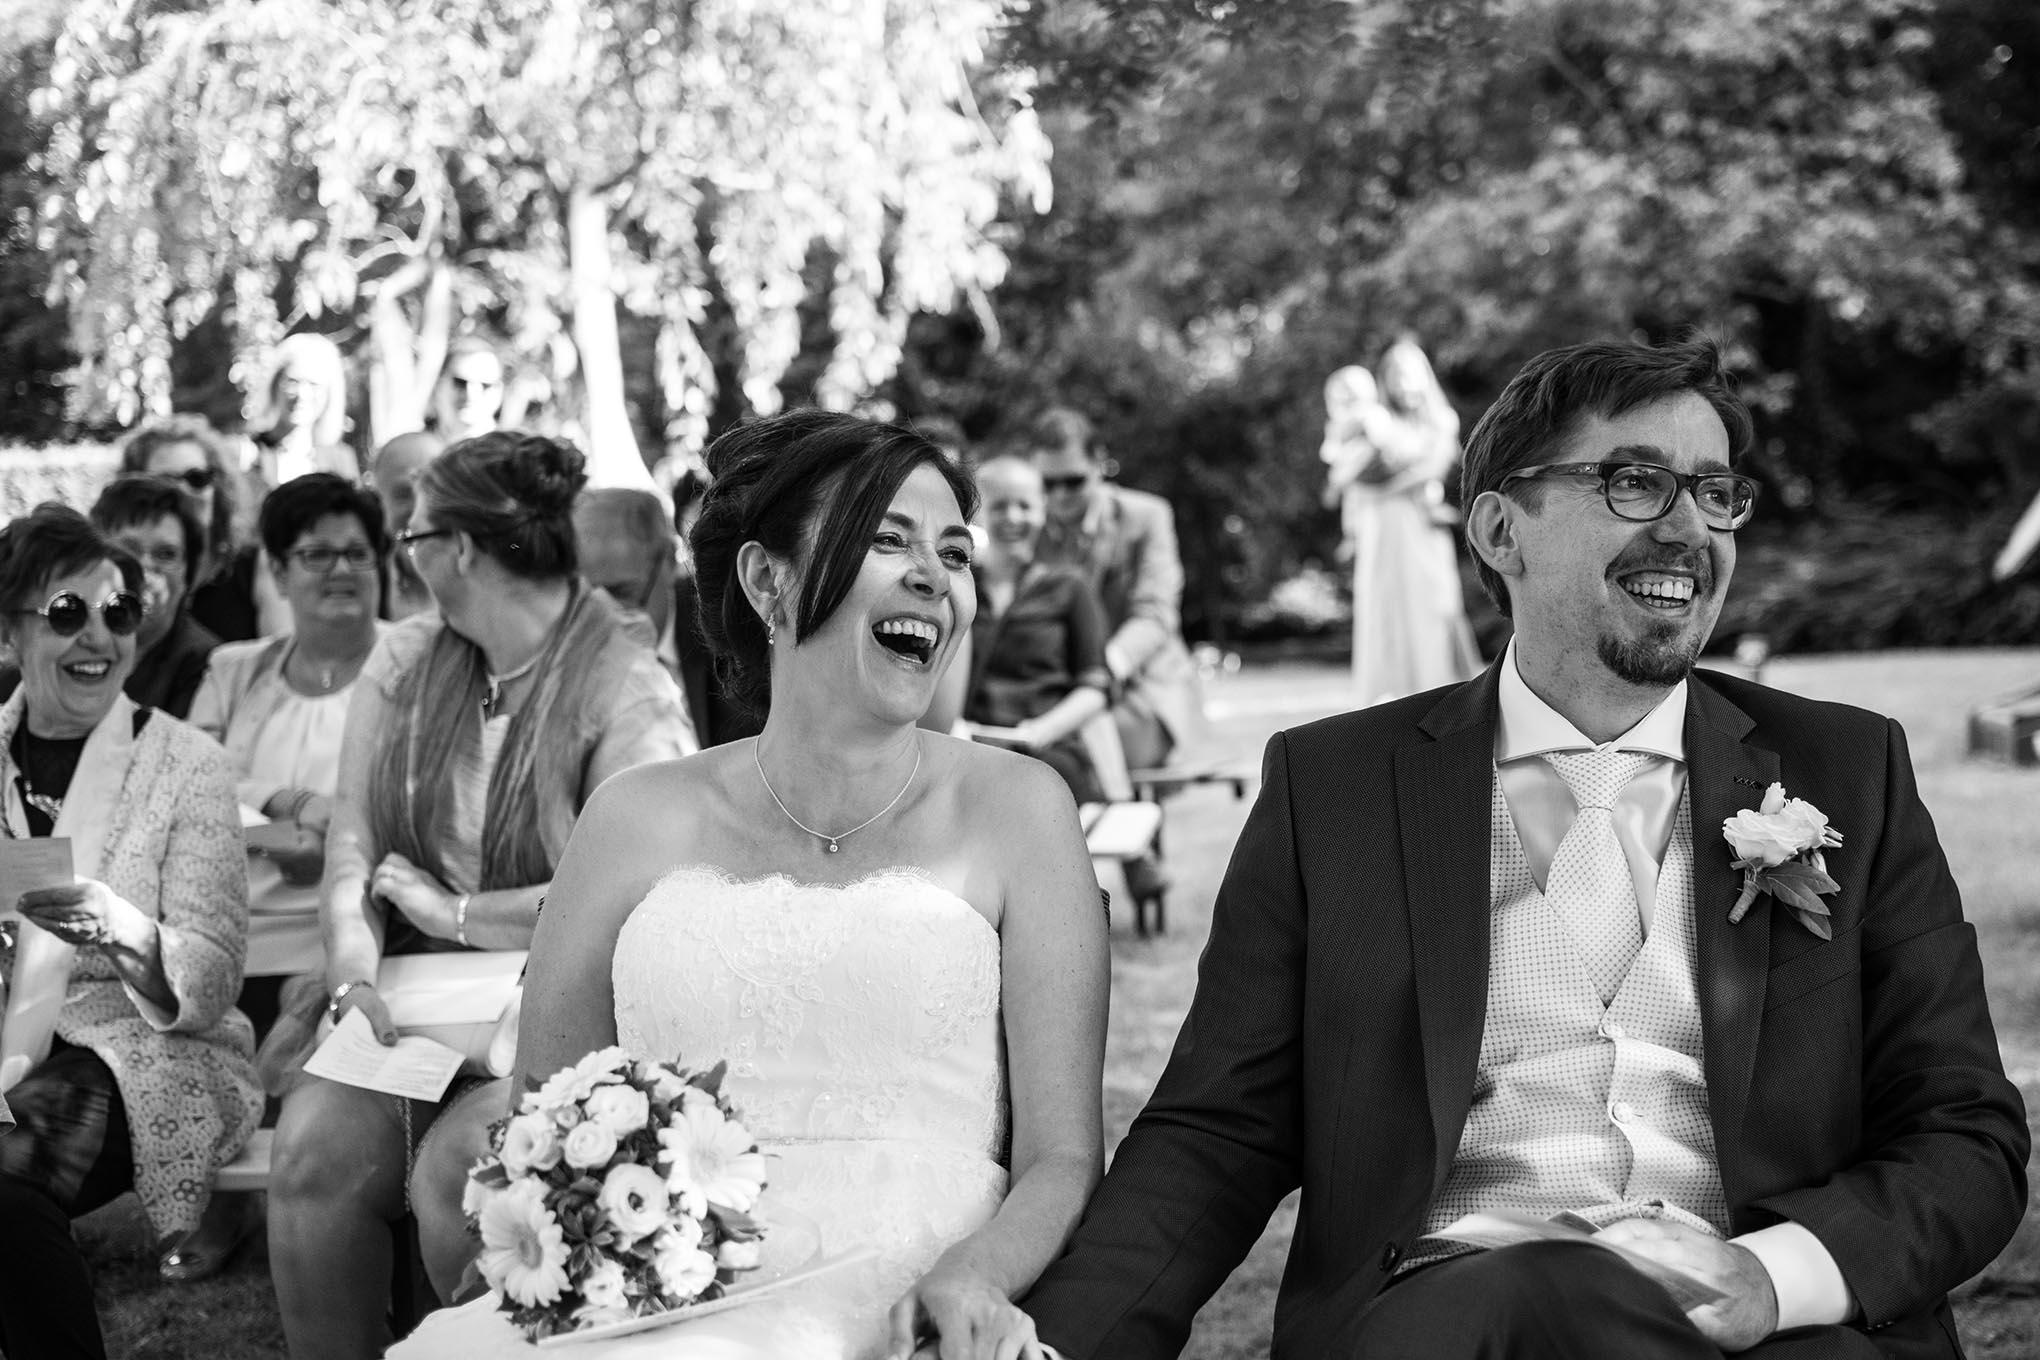 Fotograaf huwelijk Cathy en Koen, koppel lacht tijdens de ceremonie van hun trouw, vrienden en familie kijken toe.